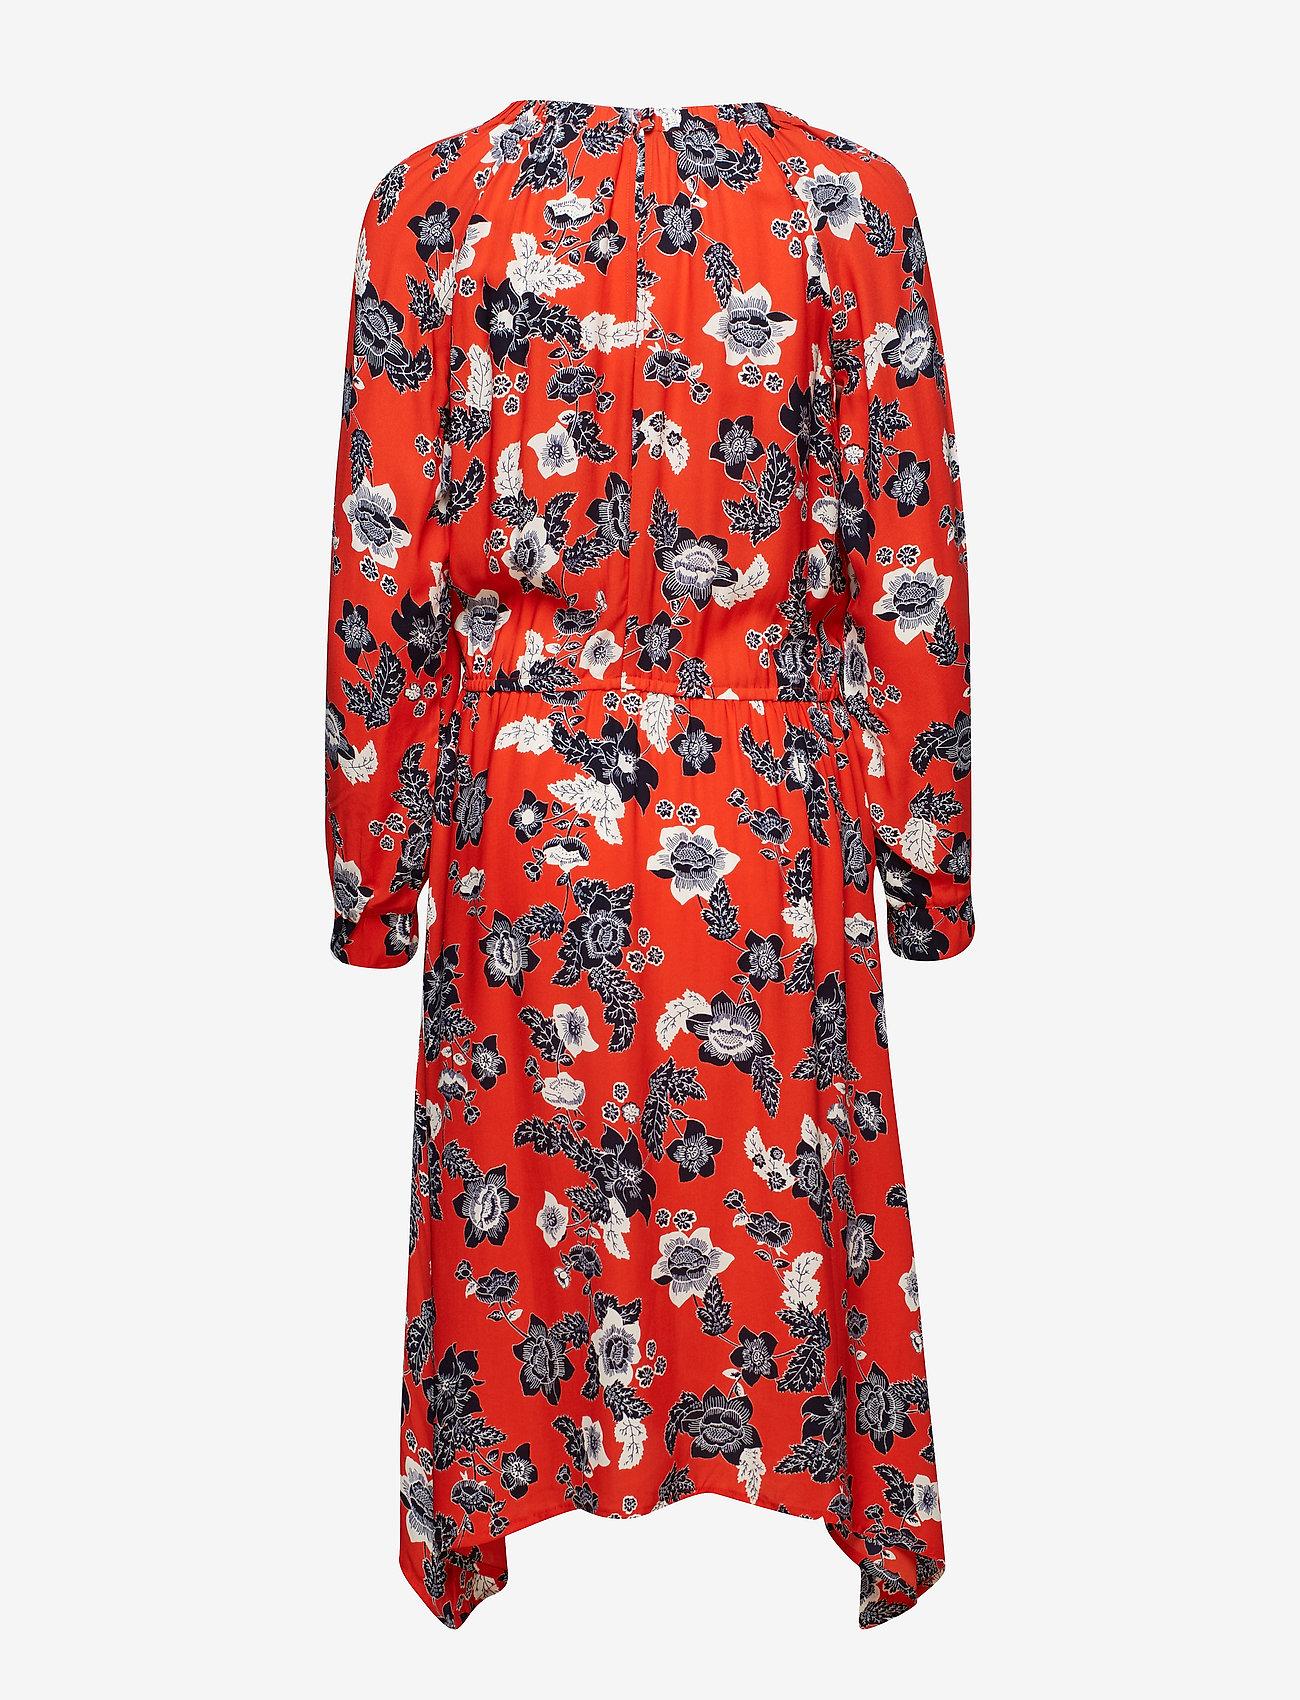 Minimum pelin - Sukienki GRANADINE - Kobiety Odzież.